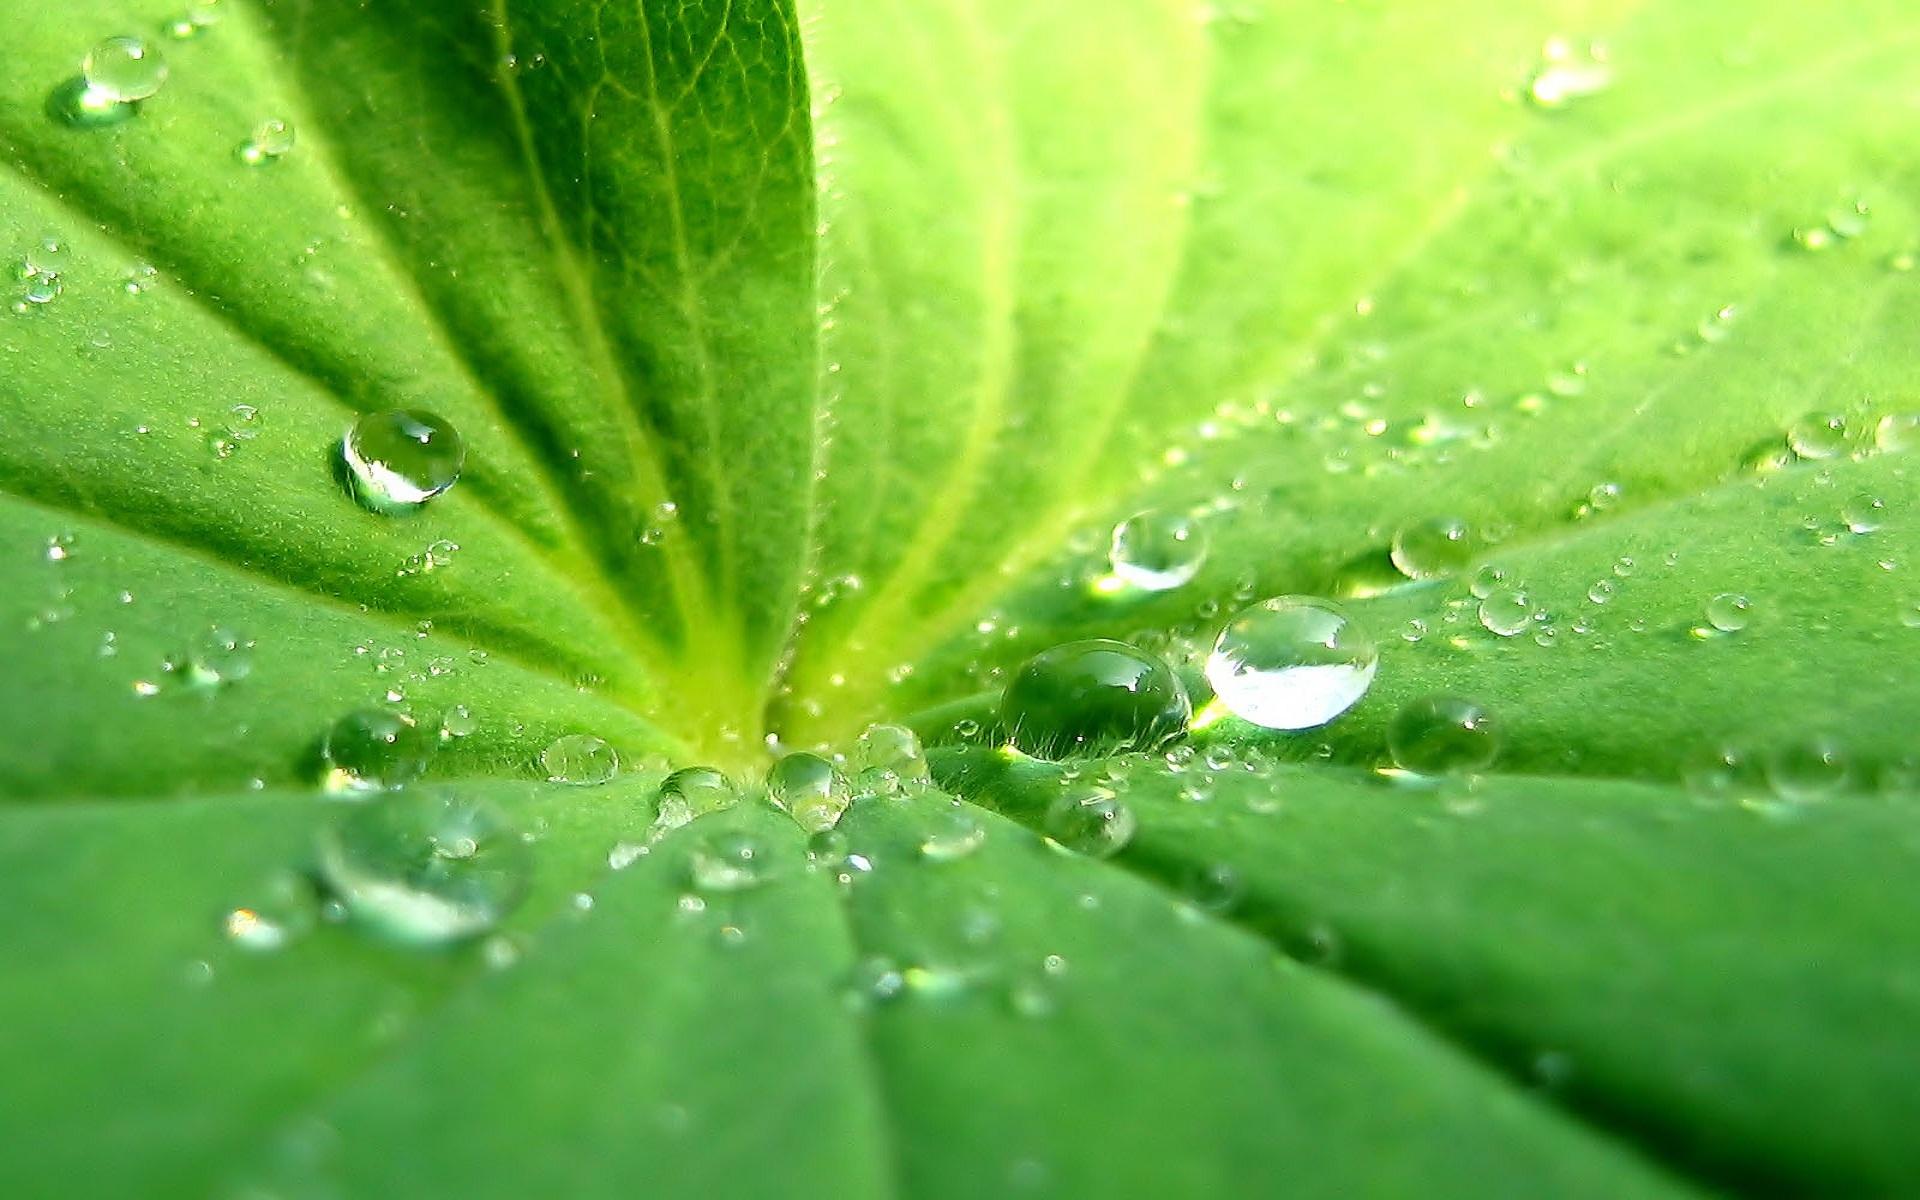 25020 скачать обои Растения, Вода, Листья, Капли - заставки и картинки бесплатно